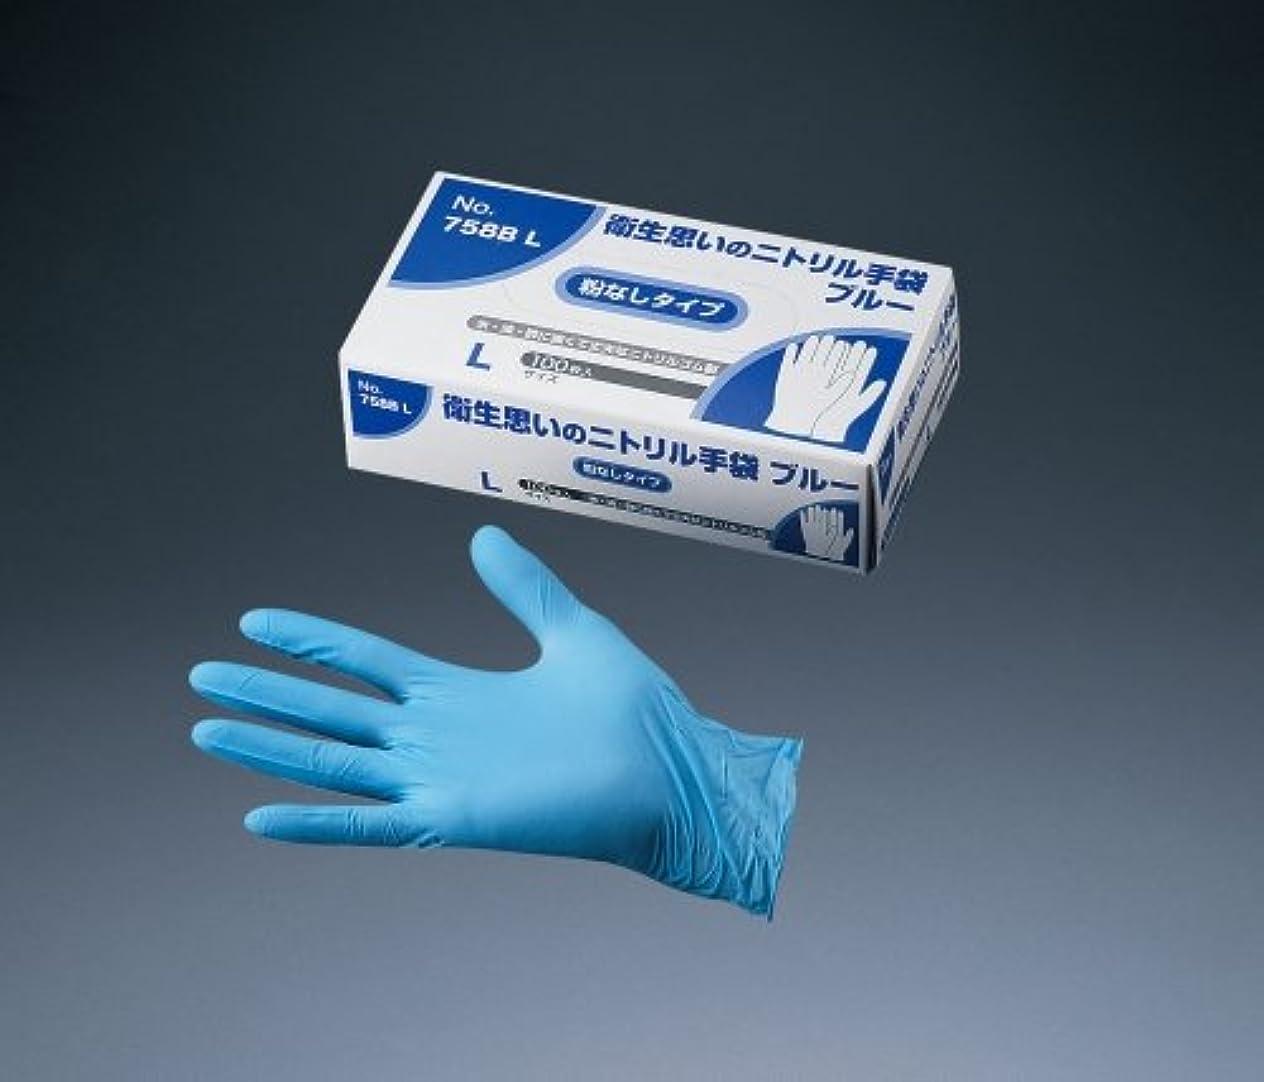 とても多くのわがままスポンサー衛生思いのニトリル手袋(粉なし)ブルー No.758B S